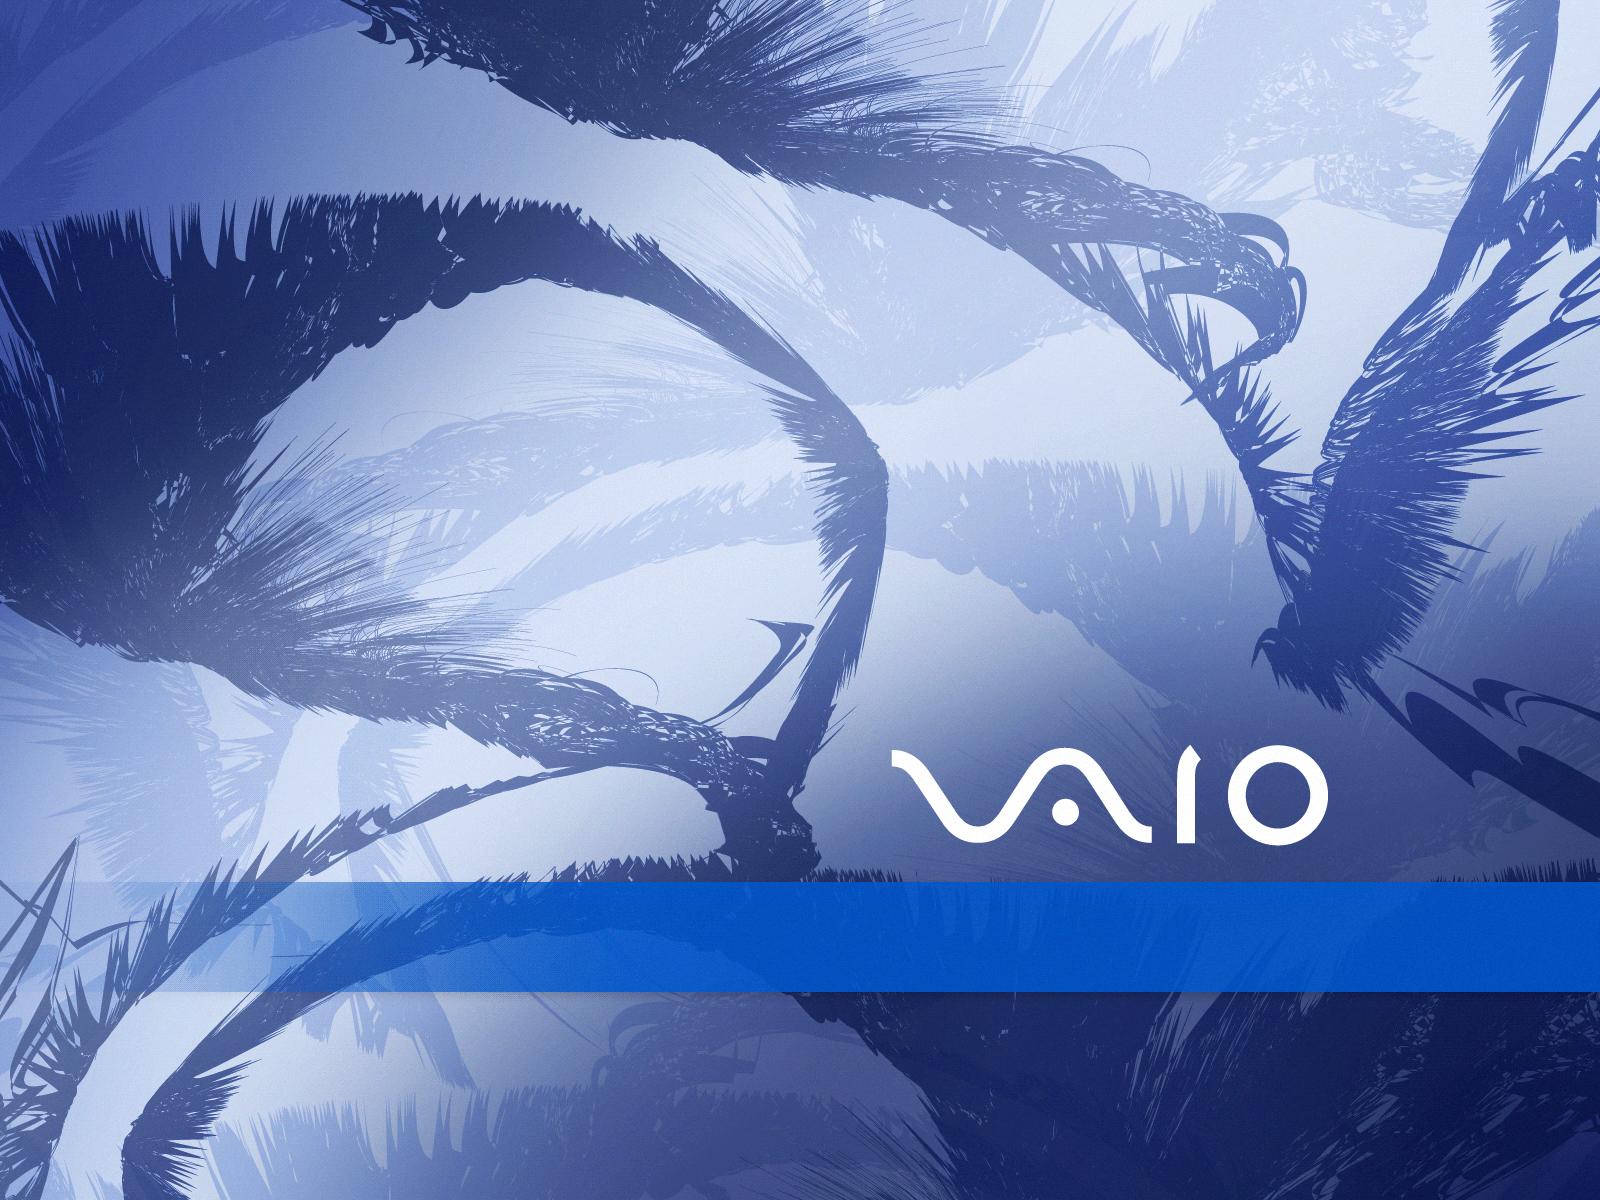 http://1.bp.blogspot.com/-D8TiUyfC1Dk/ThXS92P9uSI/AAAAAAAAAA0/hcc33gjgp3w/s1600/vaio+wallpaper+%25287%2529.jpg